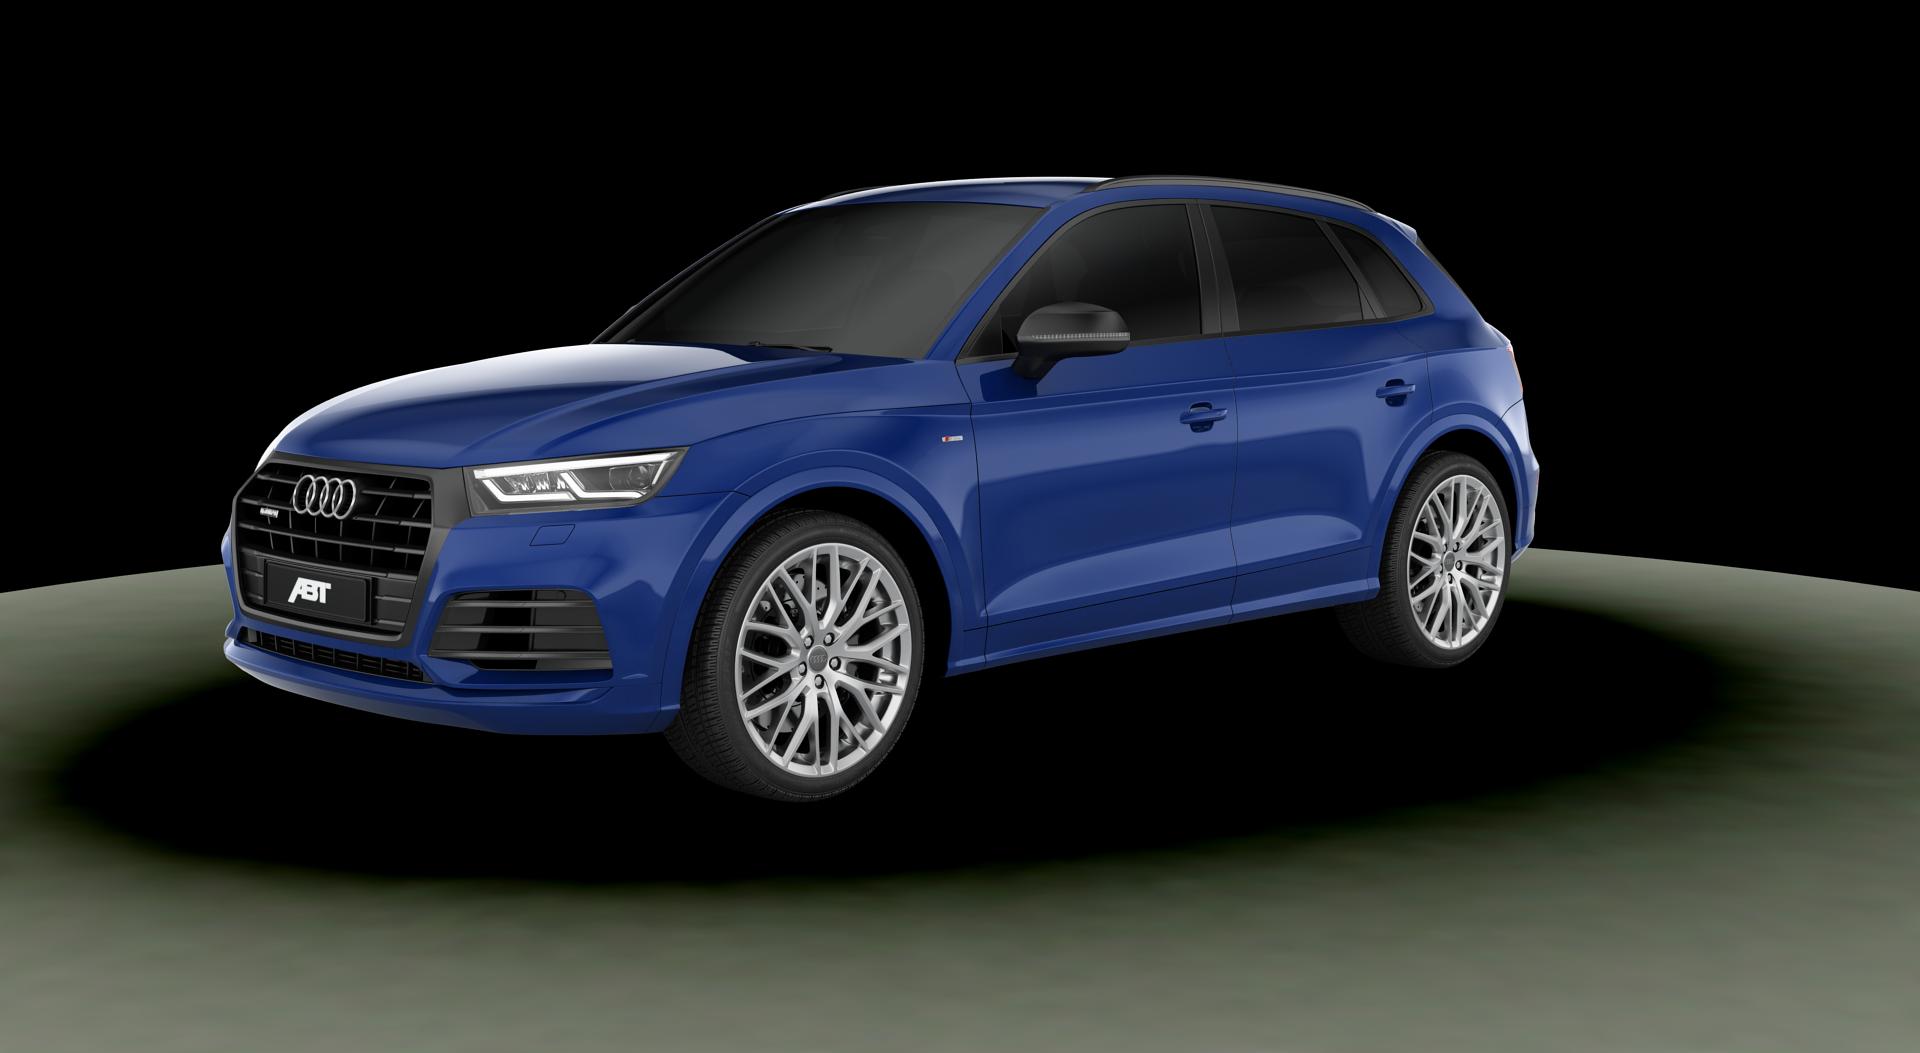 Chiptuning Audi Q5 8R 2.0 TFSI 155kW 211PS Race Power Tuning Box